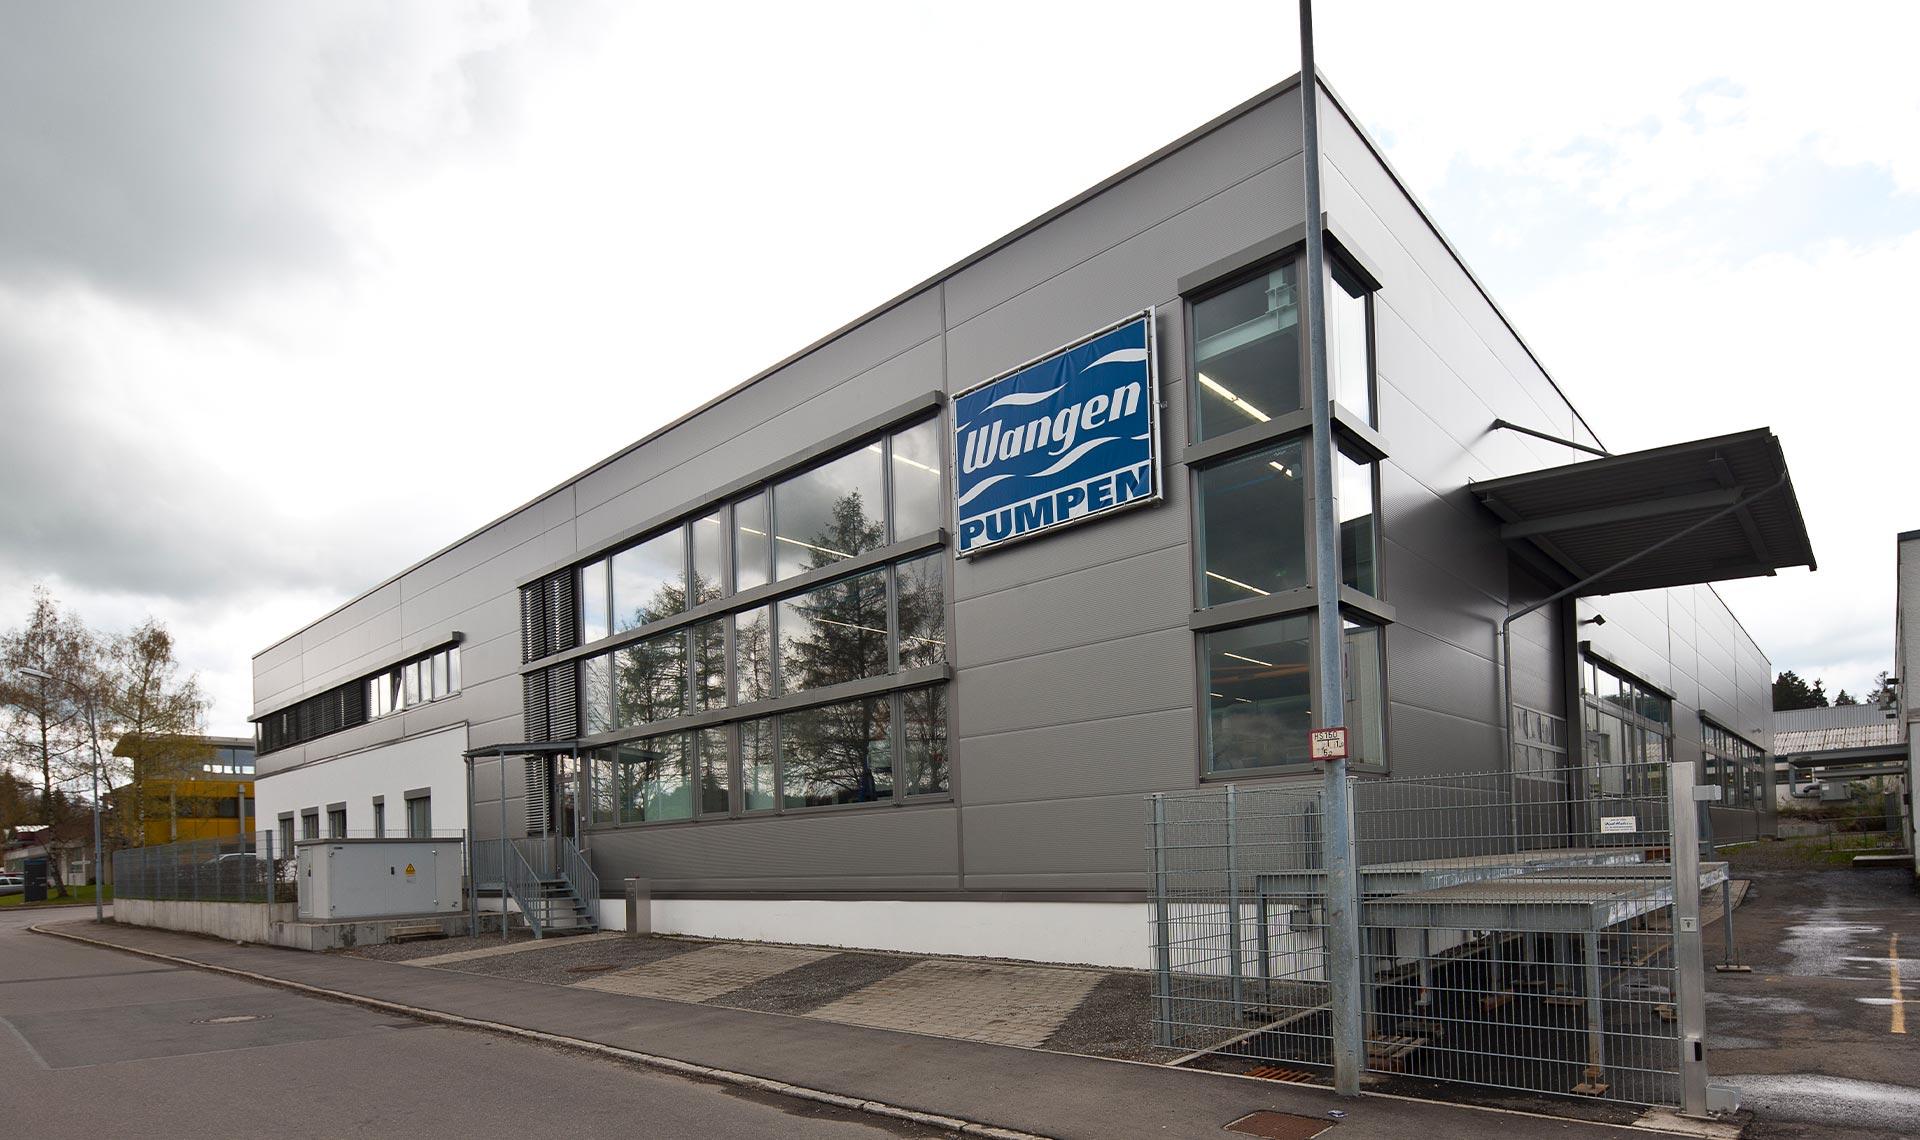 Pumpenfabrik, Wangen (D)